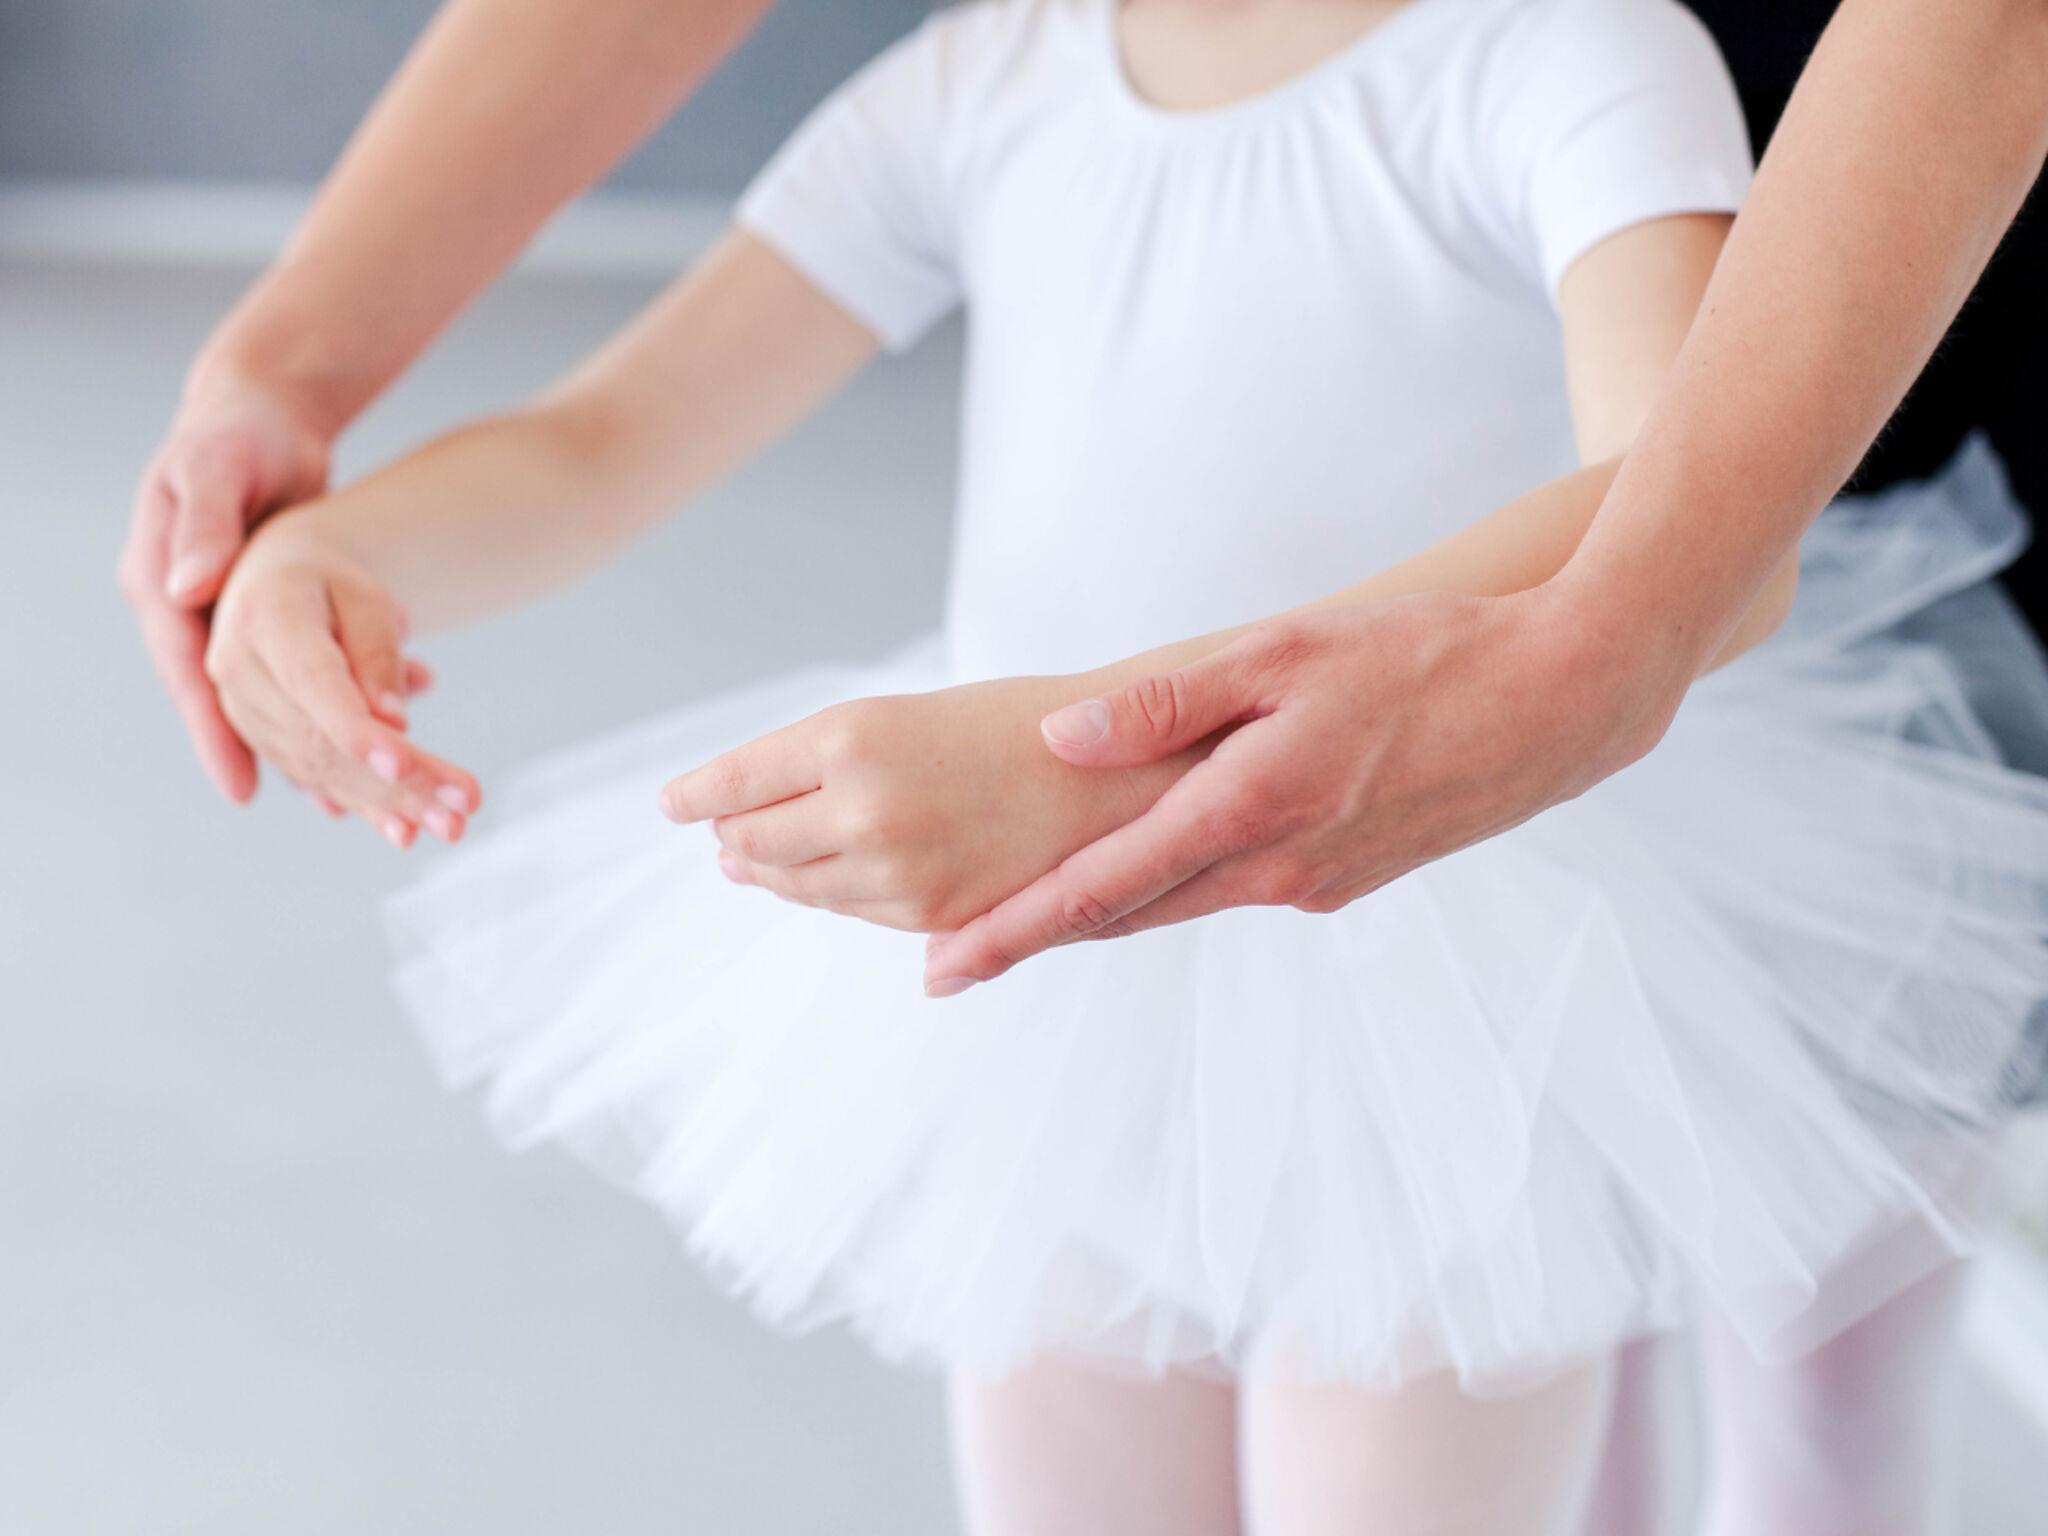 先生からバレエを教わっている子どもの画像